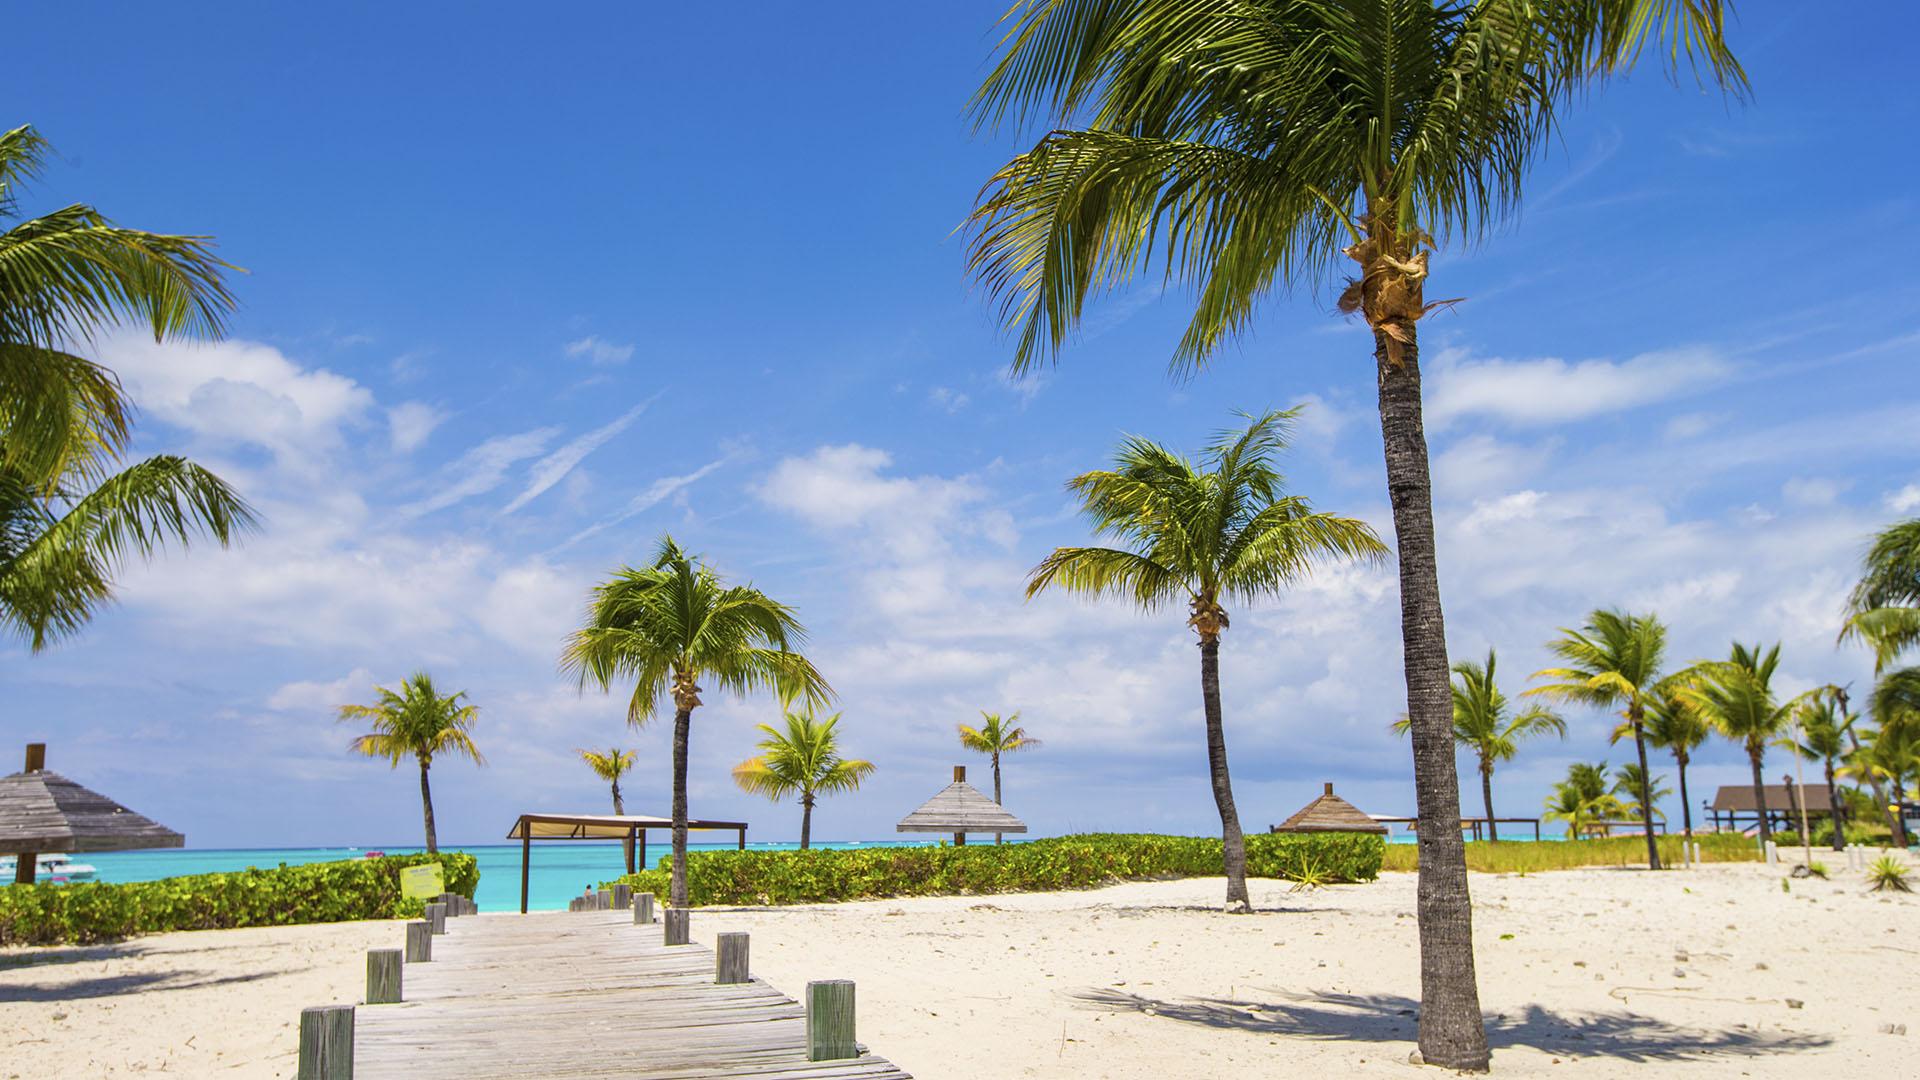 Playas_0011_Playas-Grace-Bay-Islas-Turcas-y-Caicos